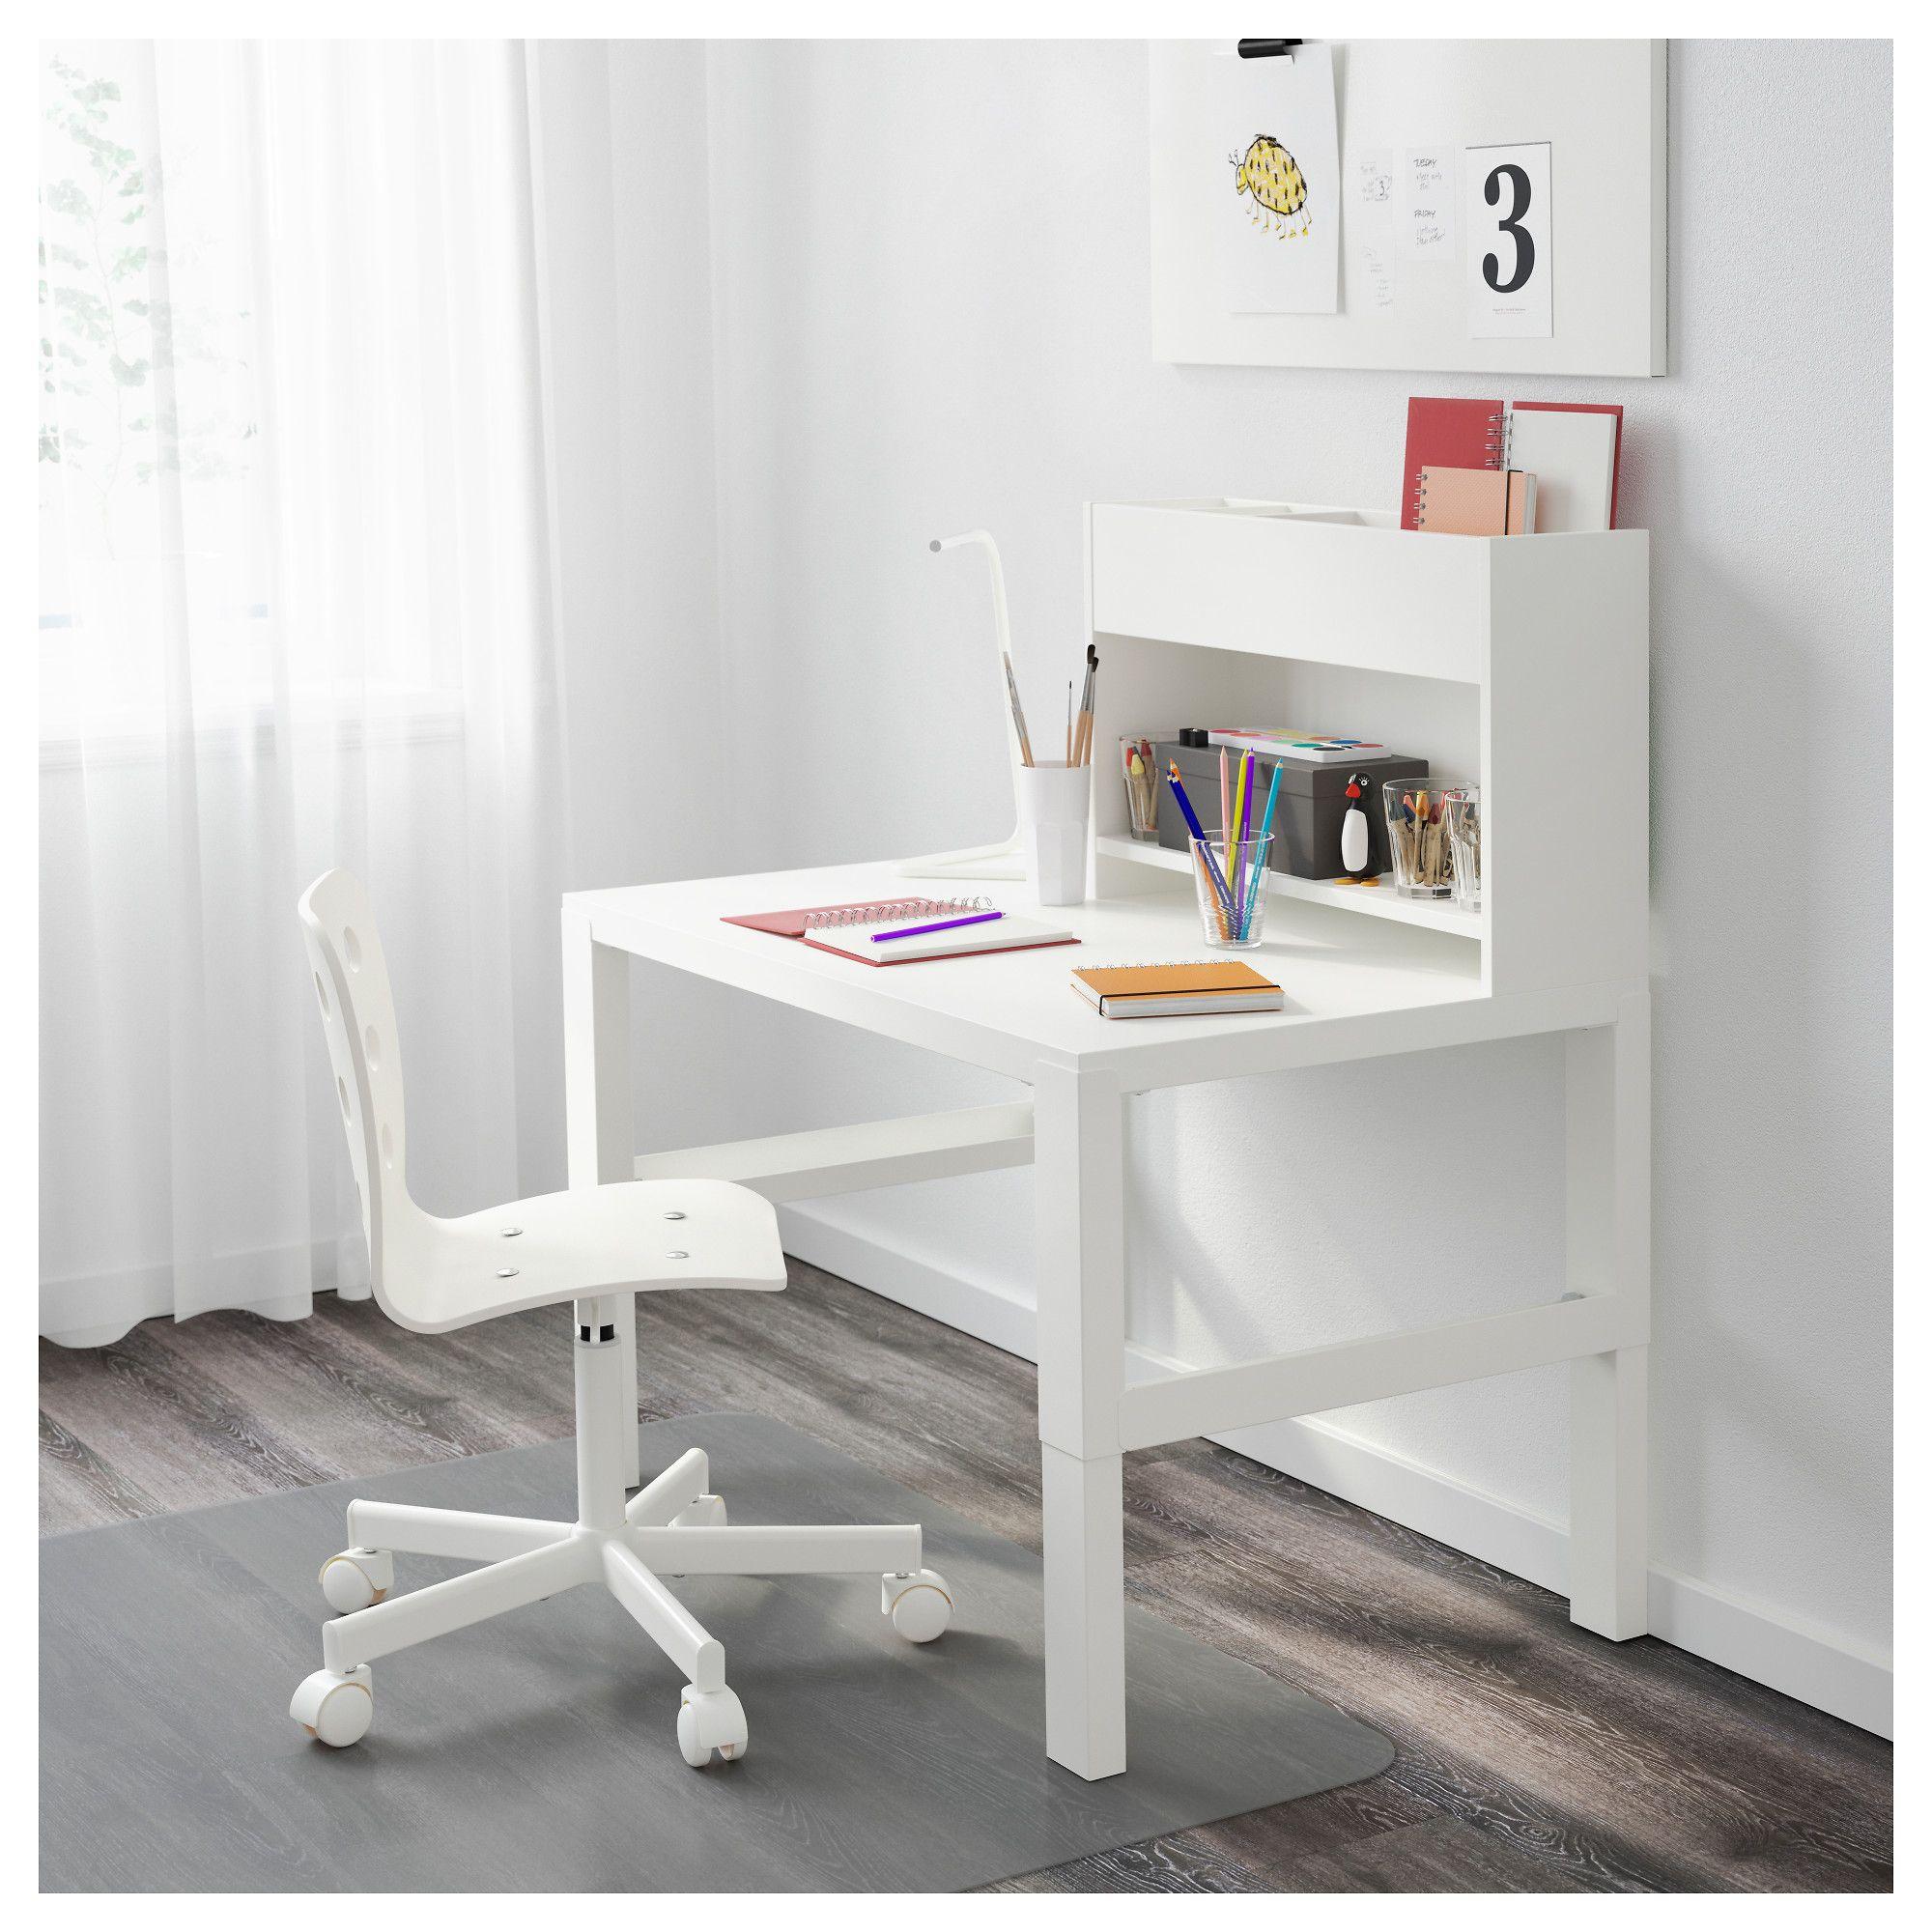 Kinderschreibtisch weiß mit aufsatz  PÅHL Schreibtisch mit Aufsatz weiß in 2019 | Products | Schreibtisch ...